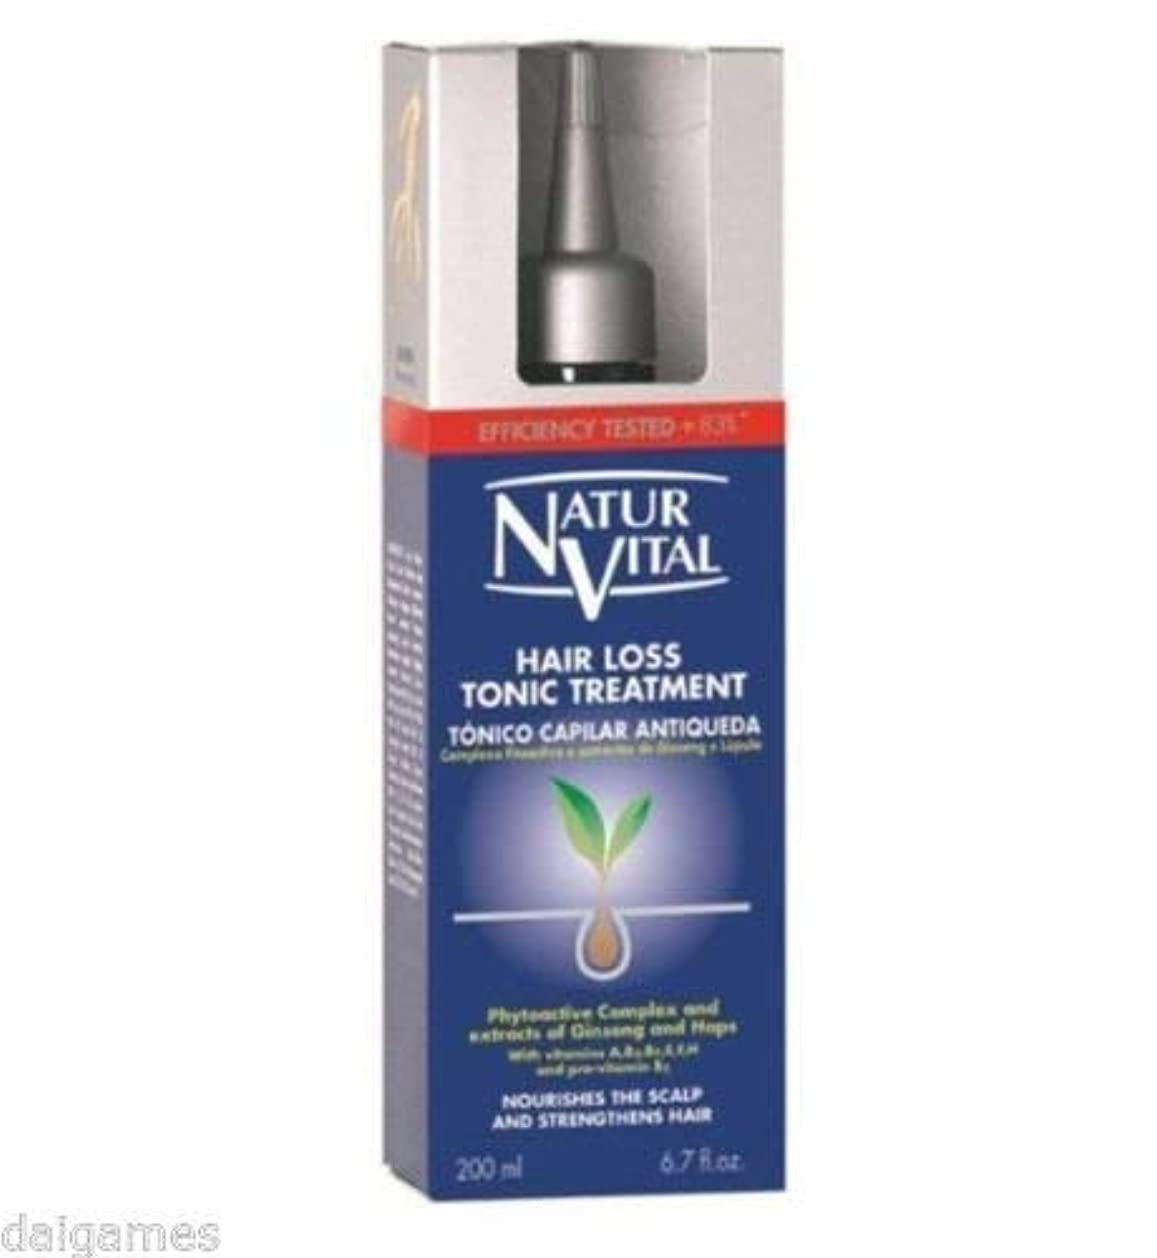 リサイクルする高音タッチNATURVITAL 抜け毛トリートメントトニック200は、脱毛の症状を戦うmlの